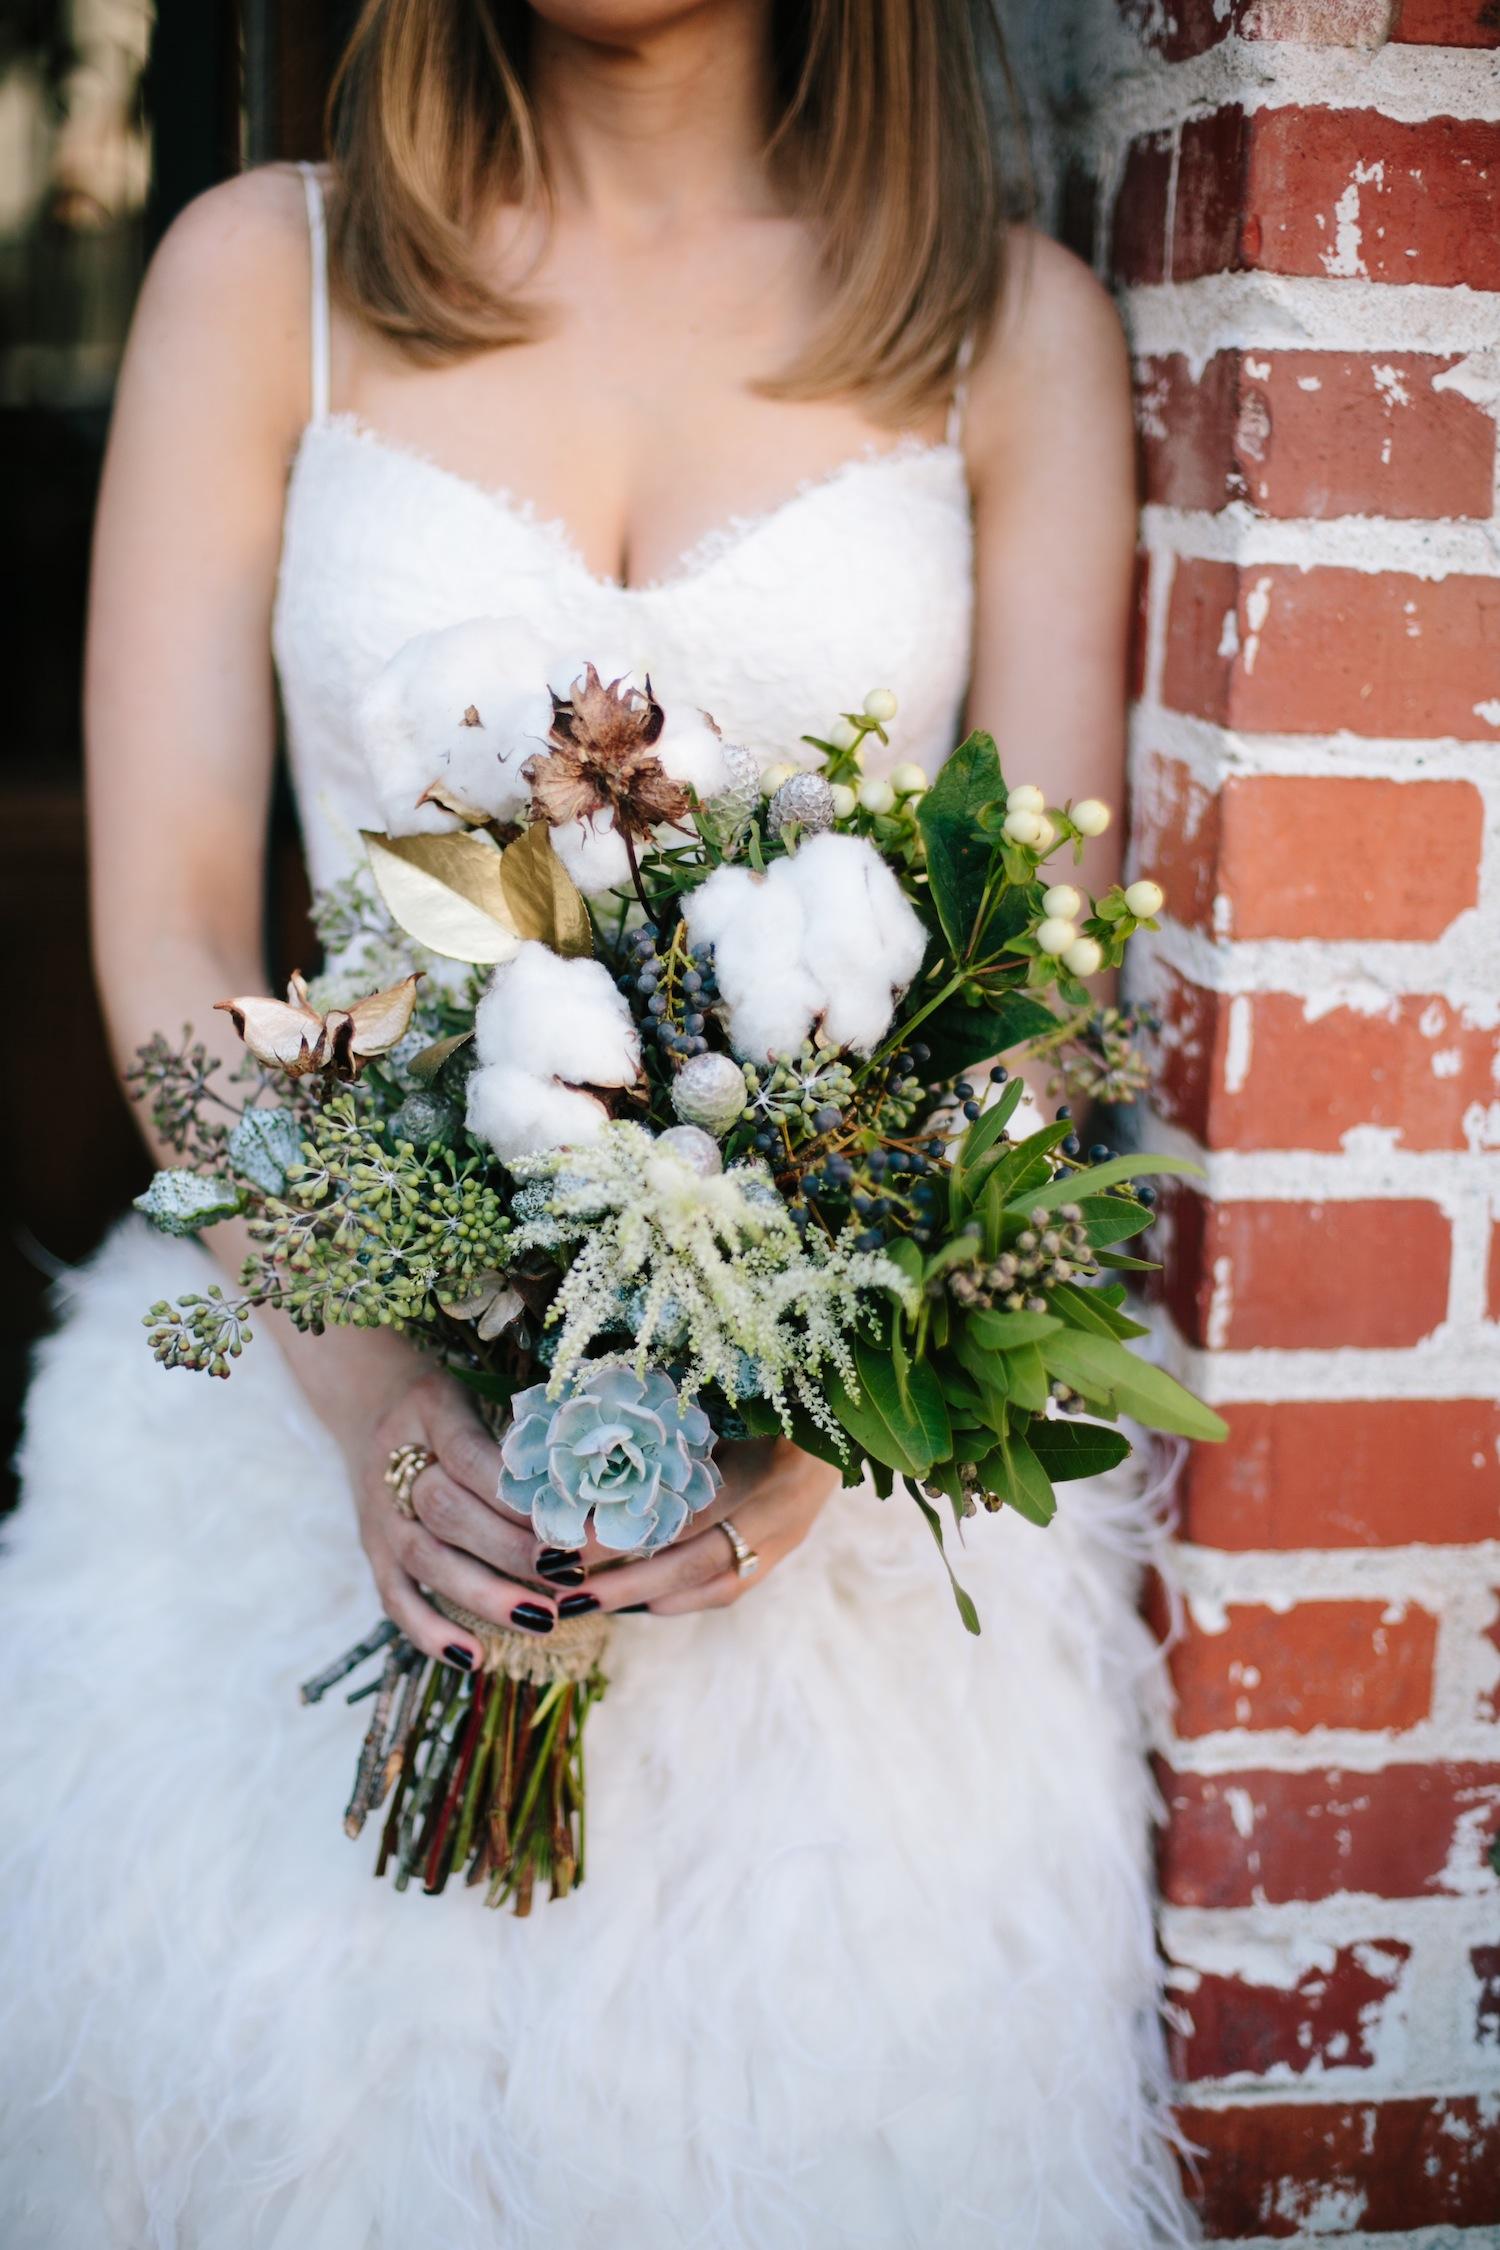 Bride in Monique Lhuillier gown holding winter wedding bouquet succulent cotton gold leaves